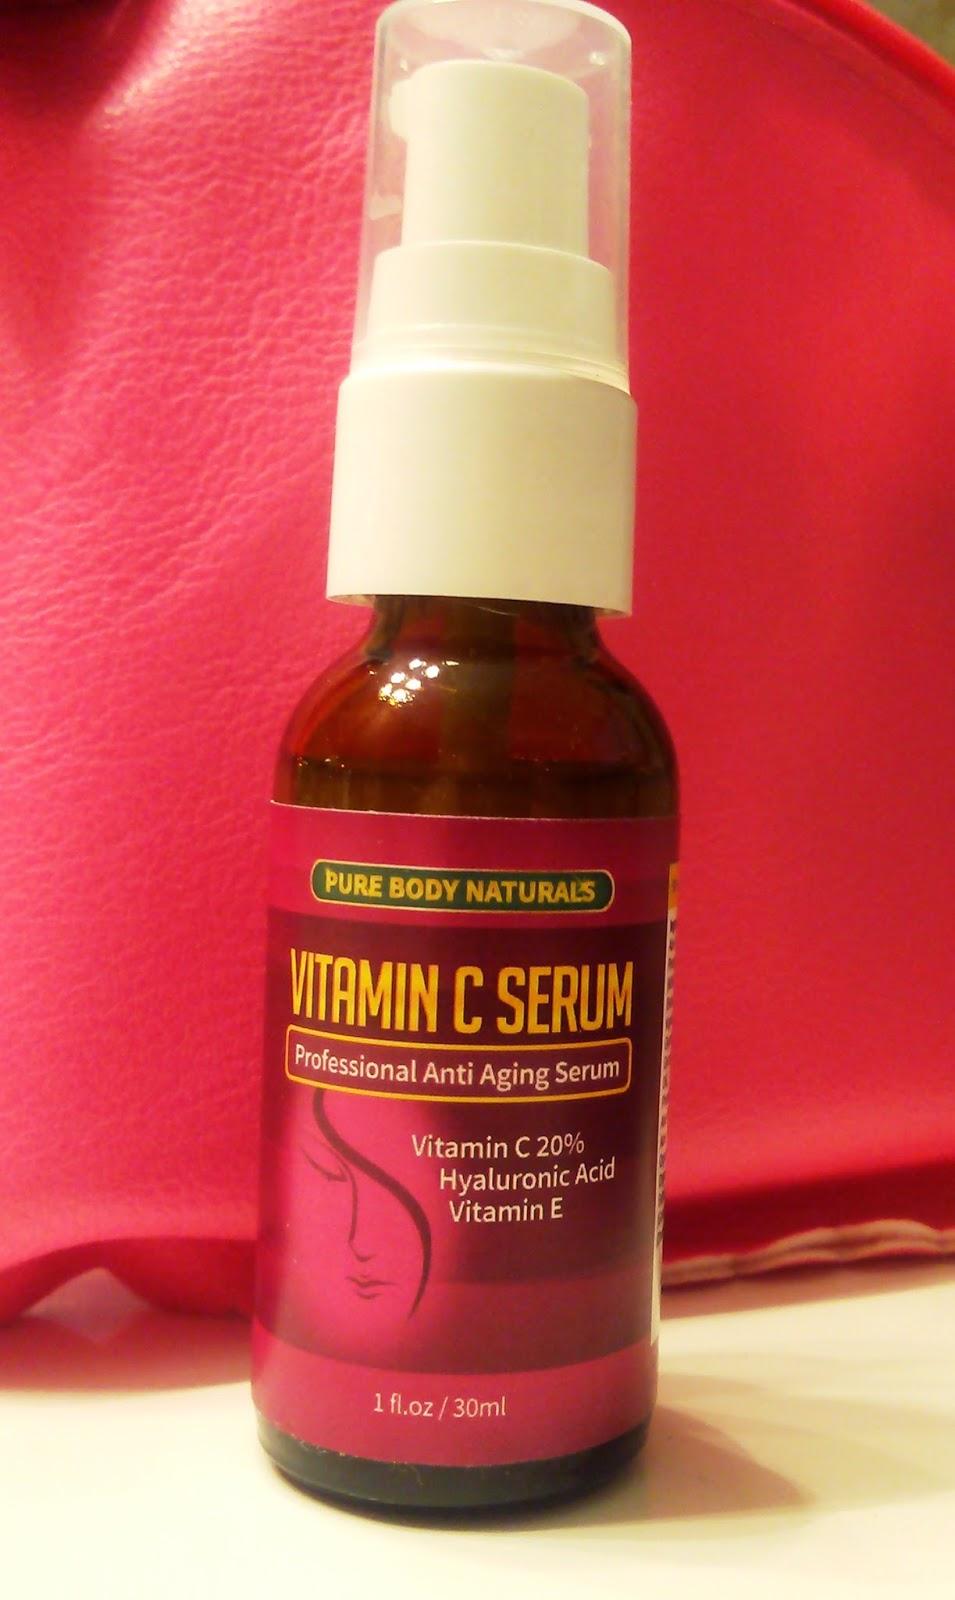 Vitamin C Anti-Aging Serum Review